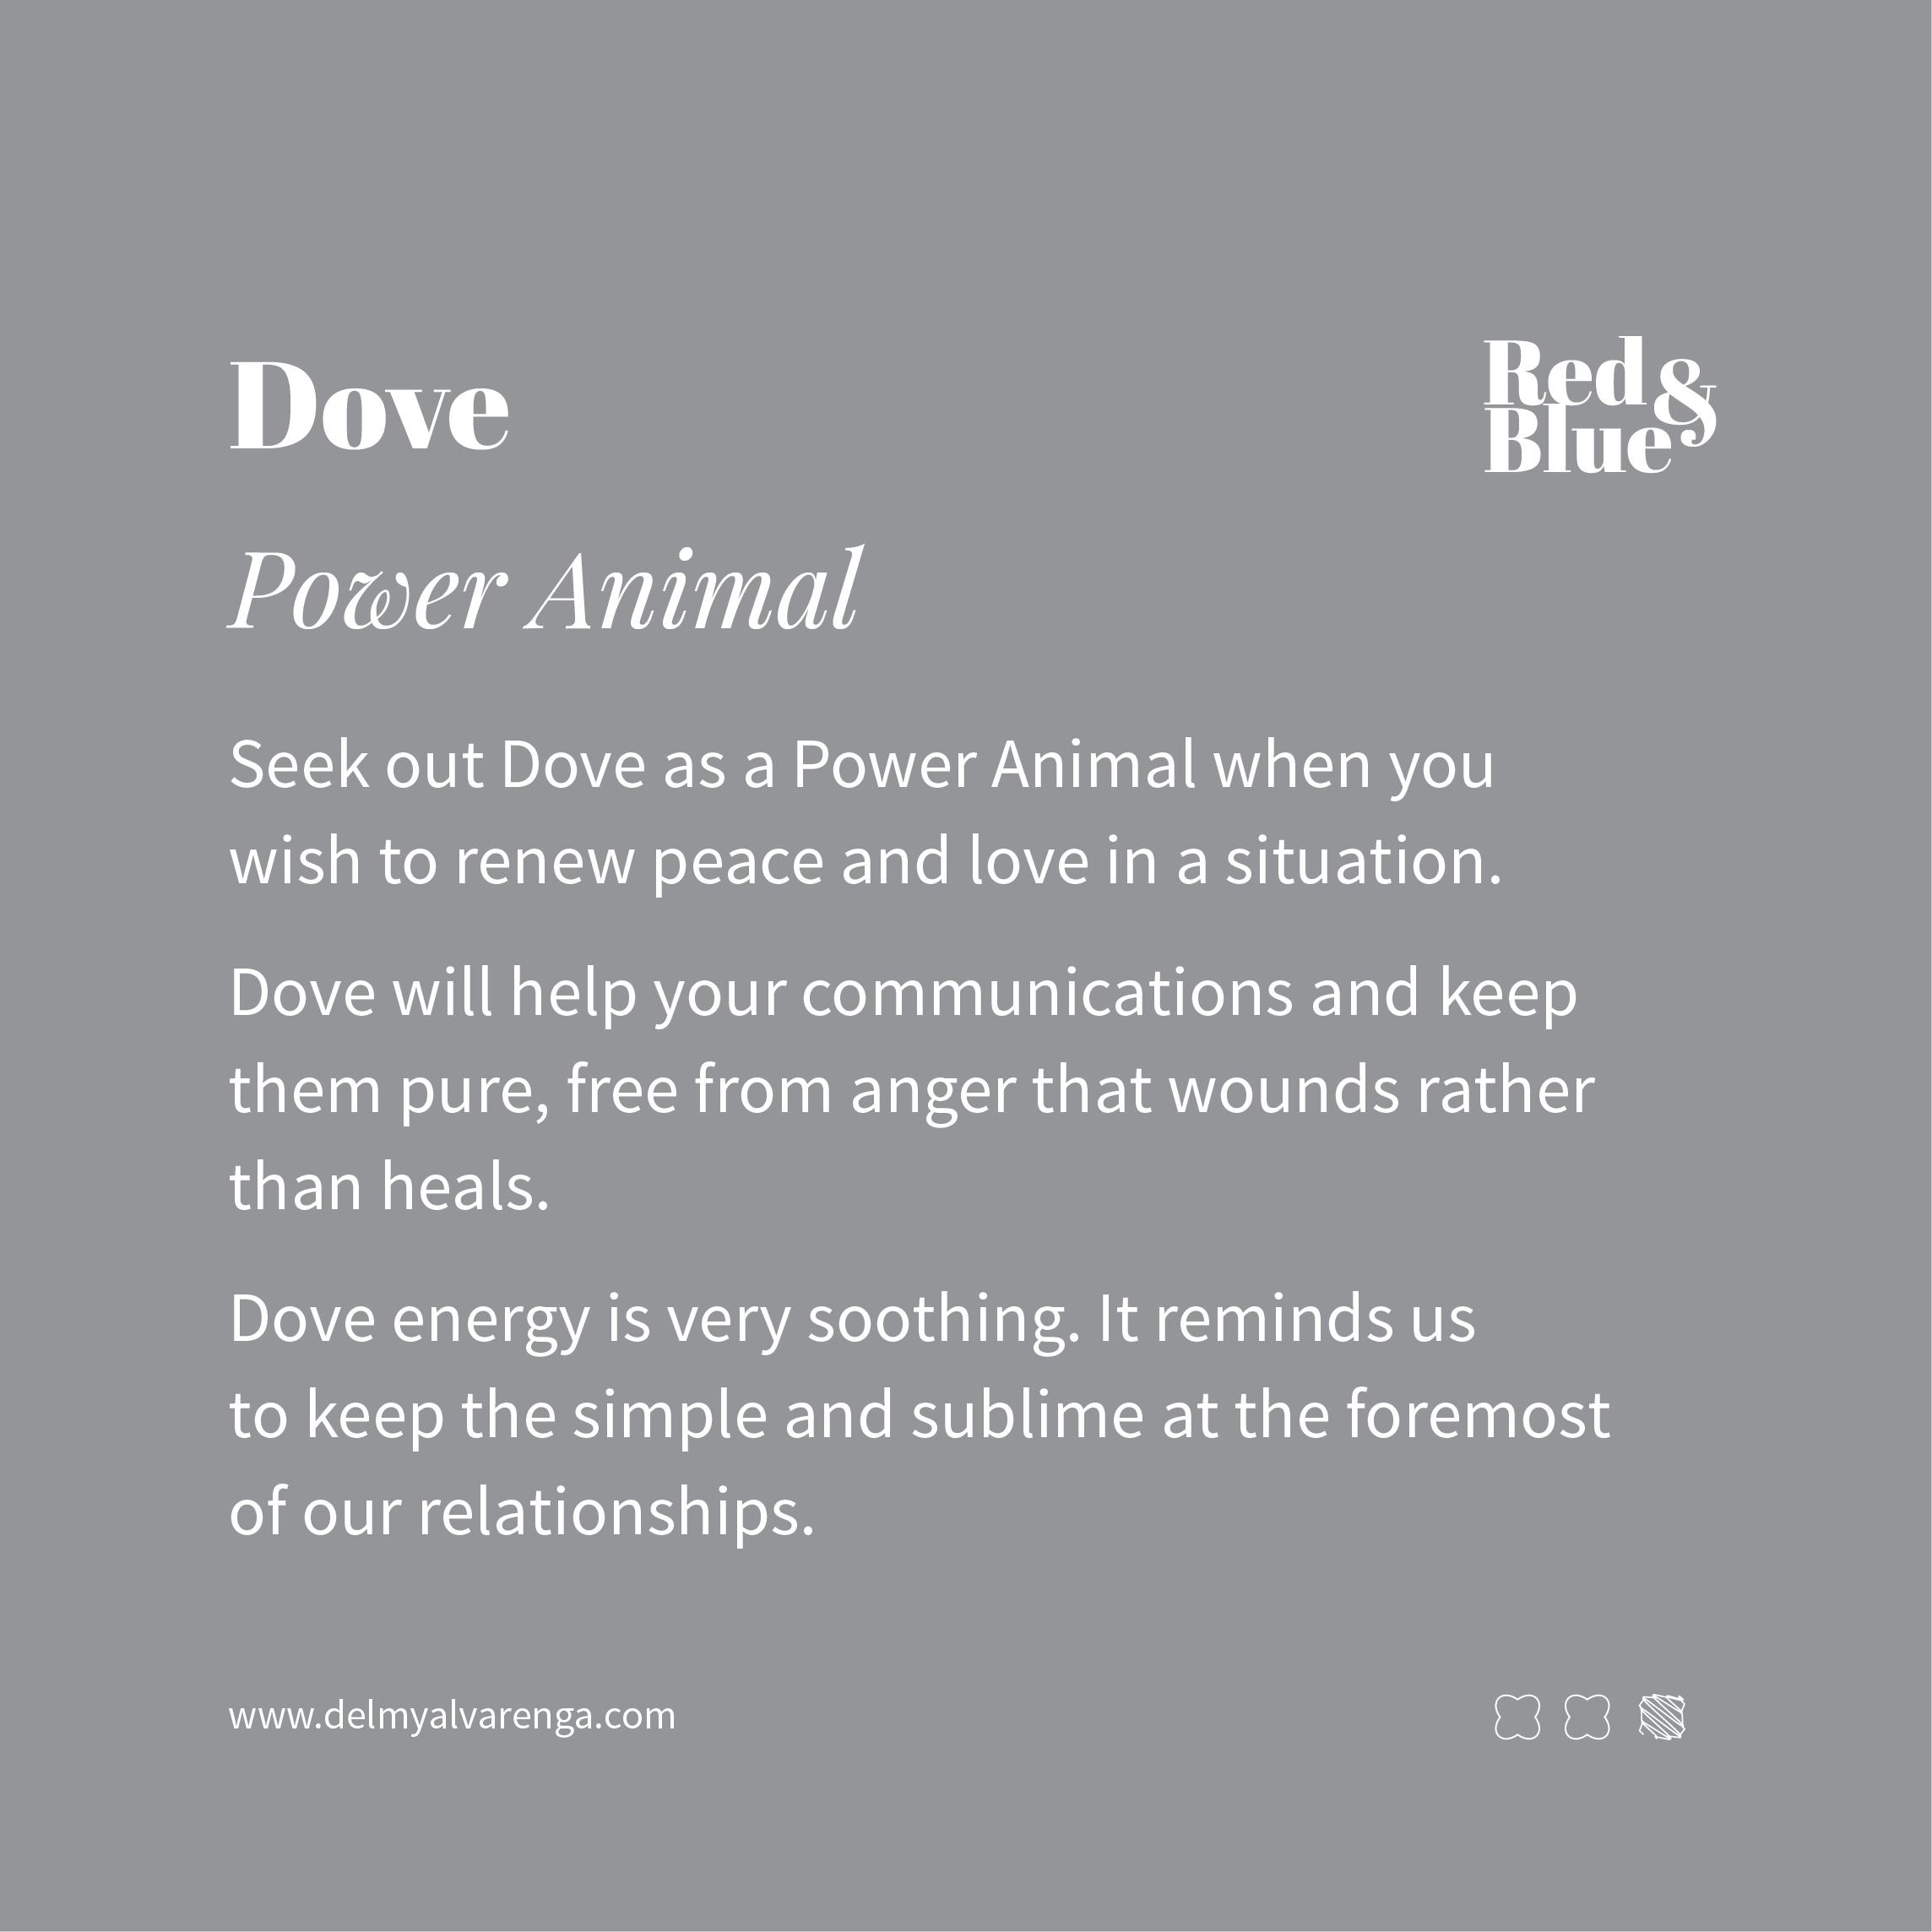 Dove Power Animal